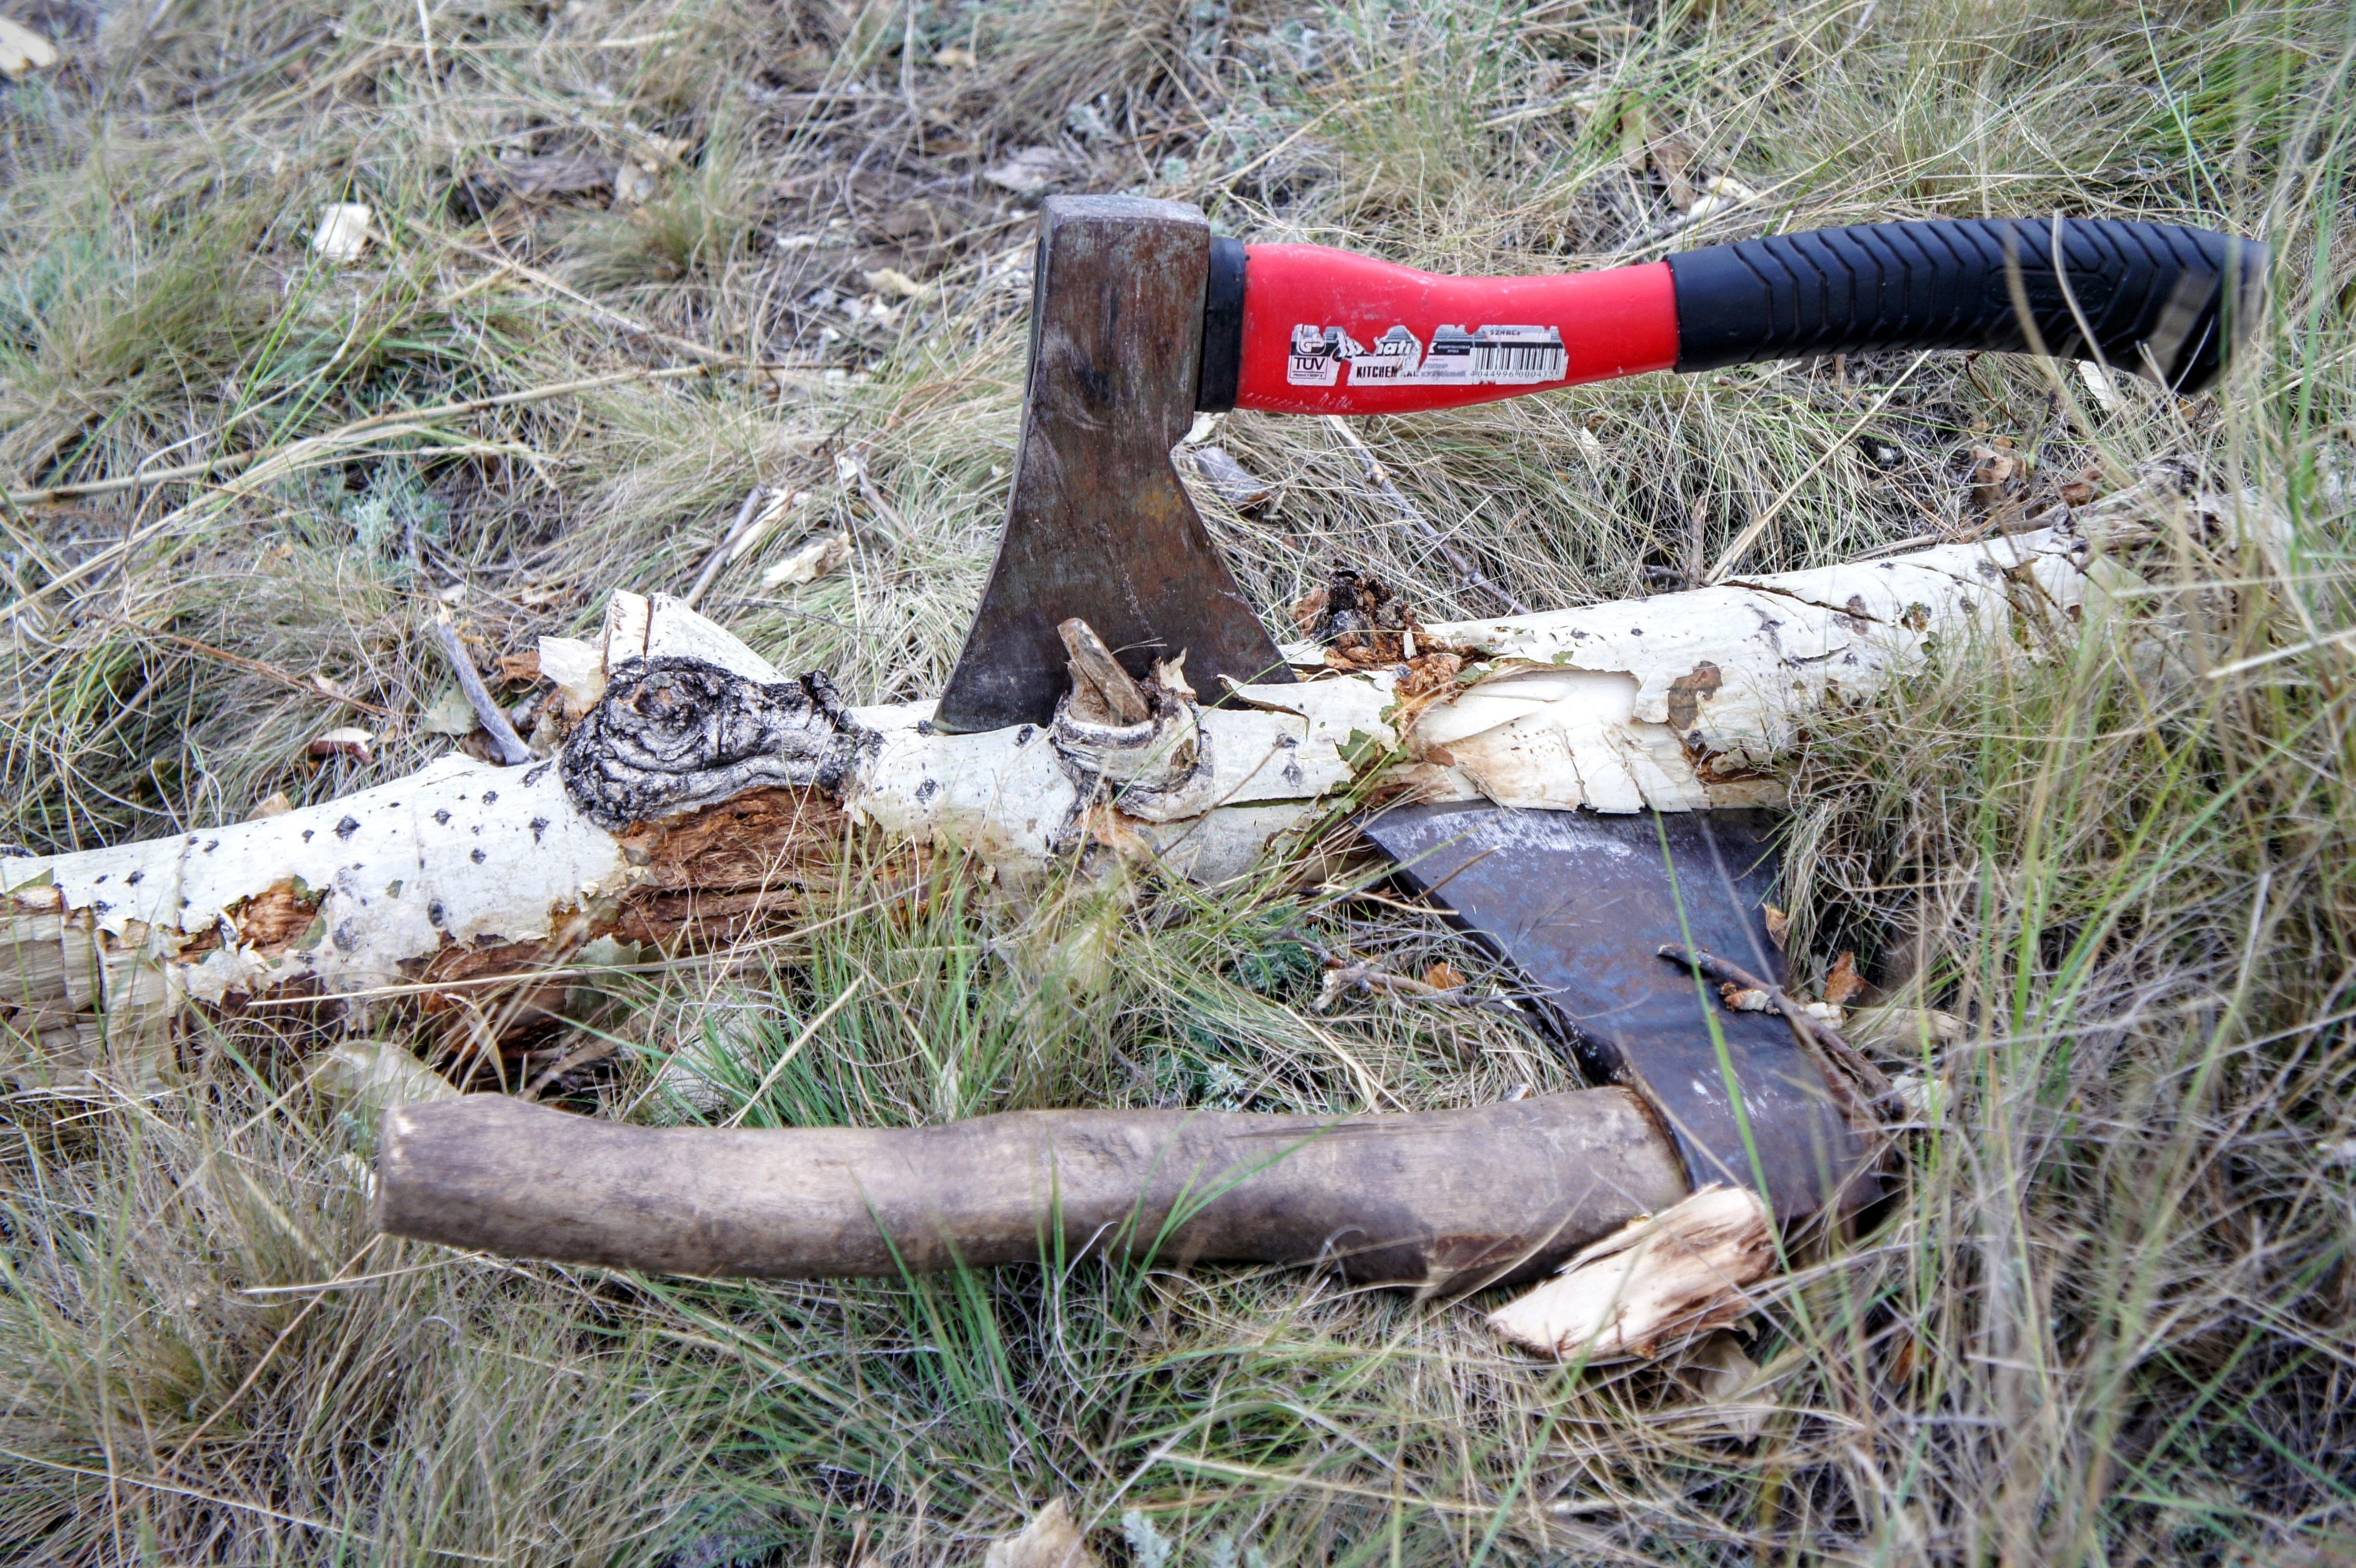 kostenlose foto : baum, log, boden, axt, protokollierung, baumstumpf